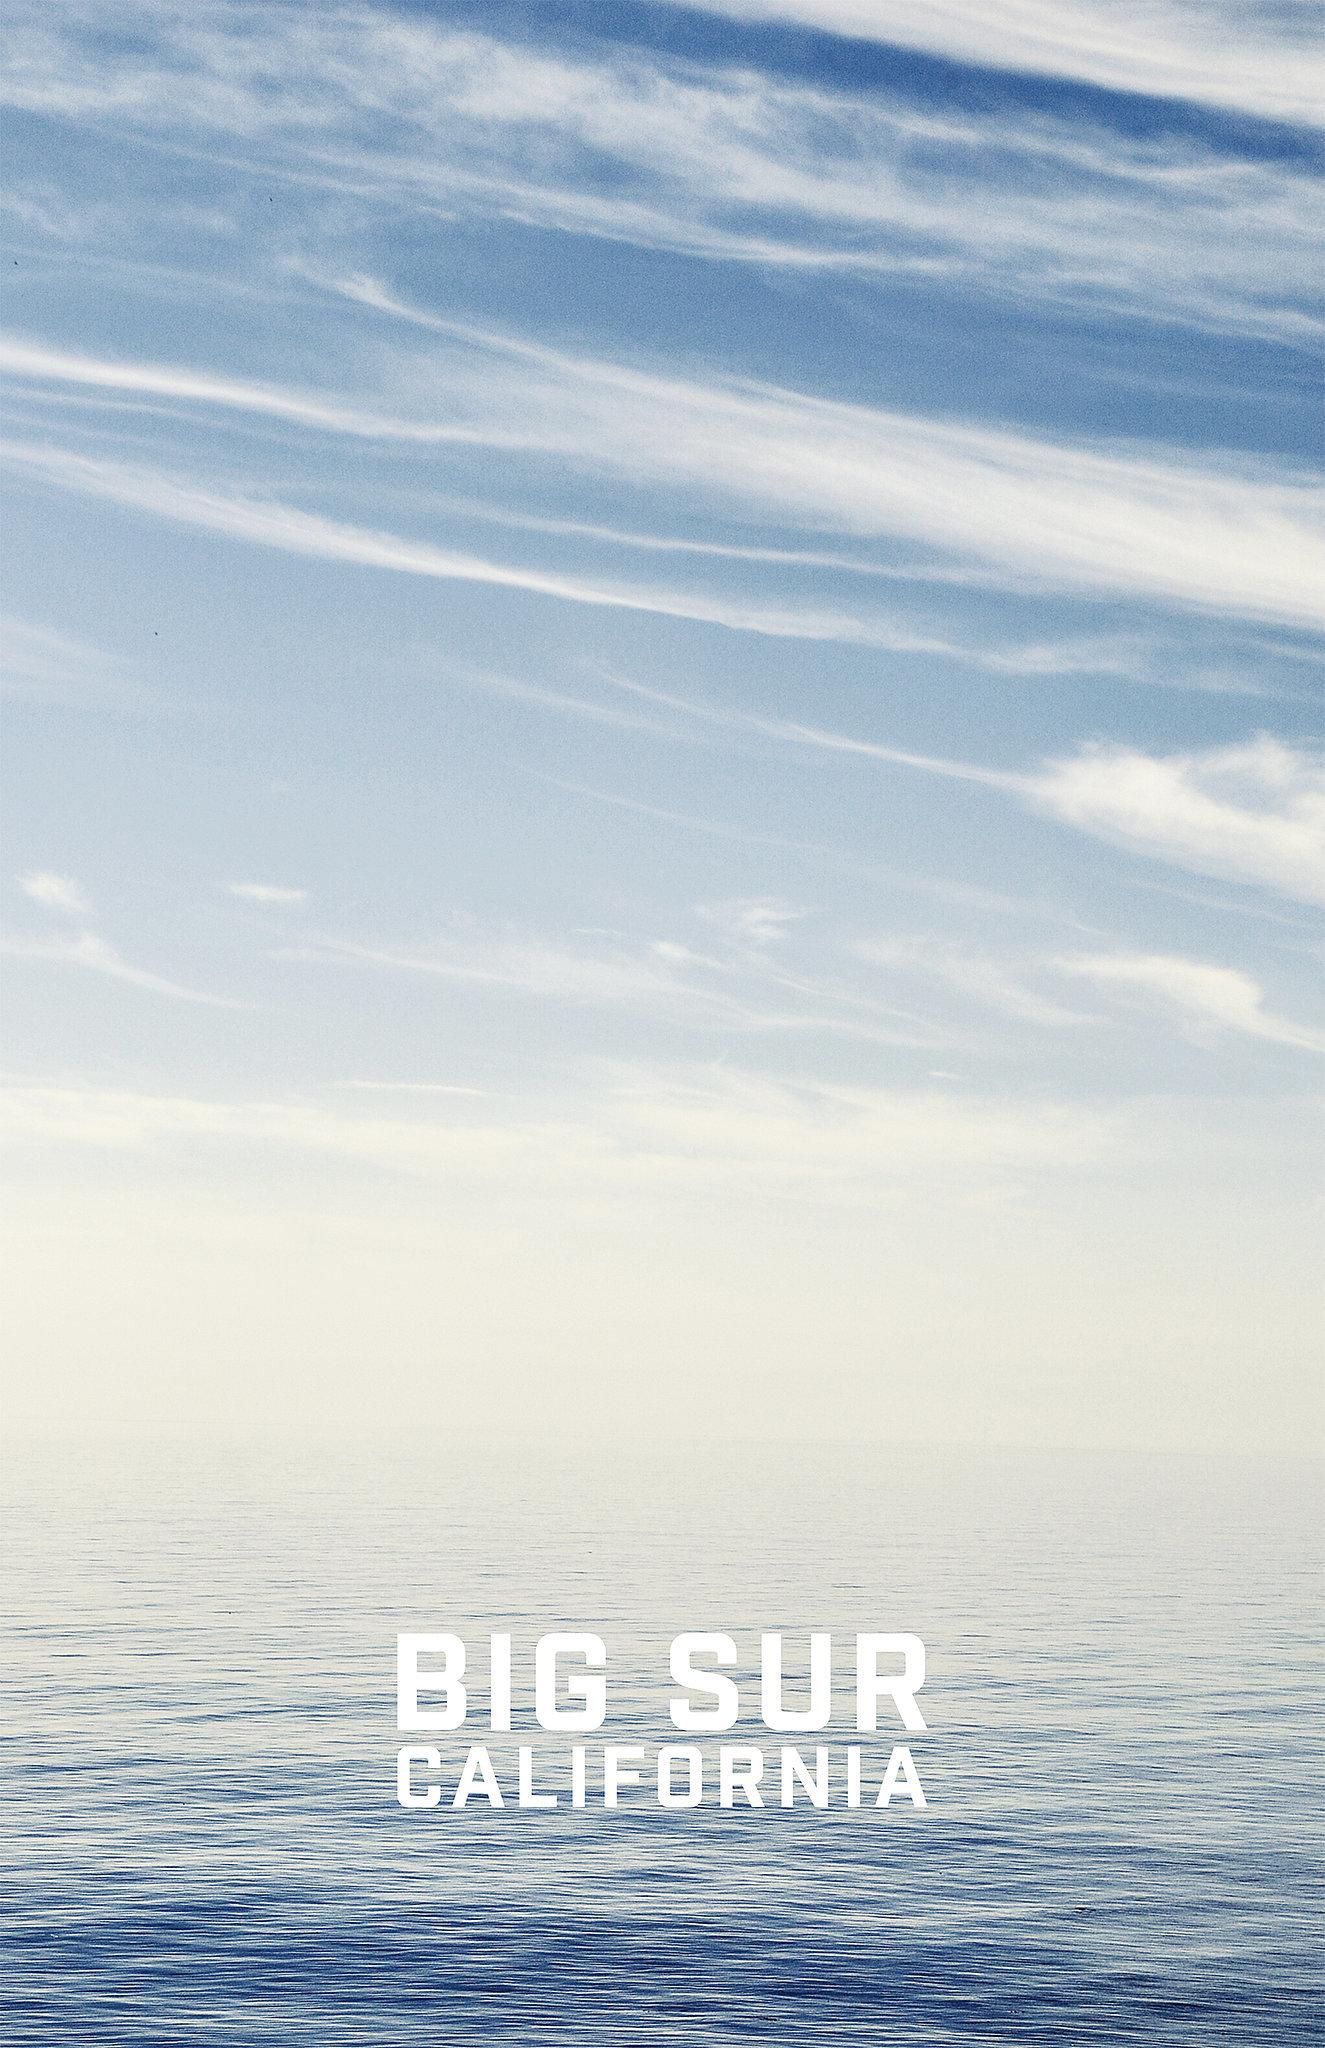 Big Sur California ($15-$40)